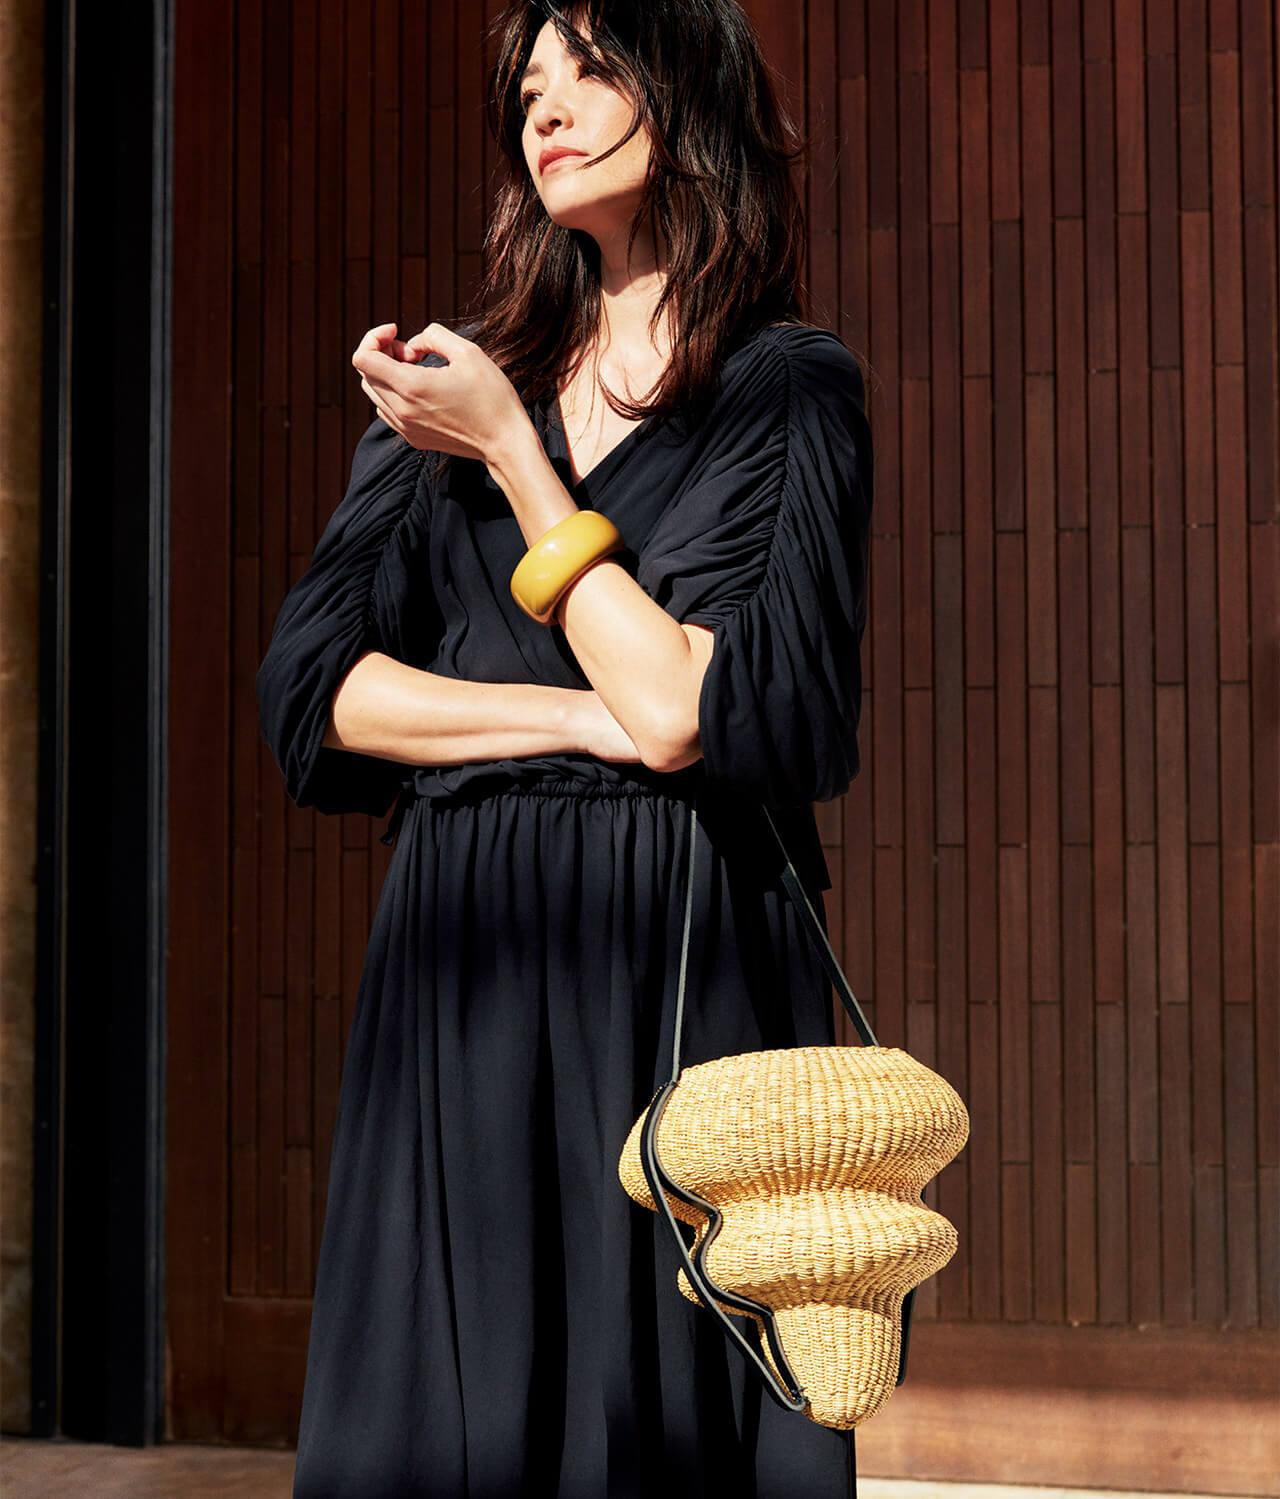 黒ワンピースにかごバッグをあわせたコーディネートのモデル・RINAさん